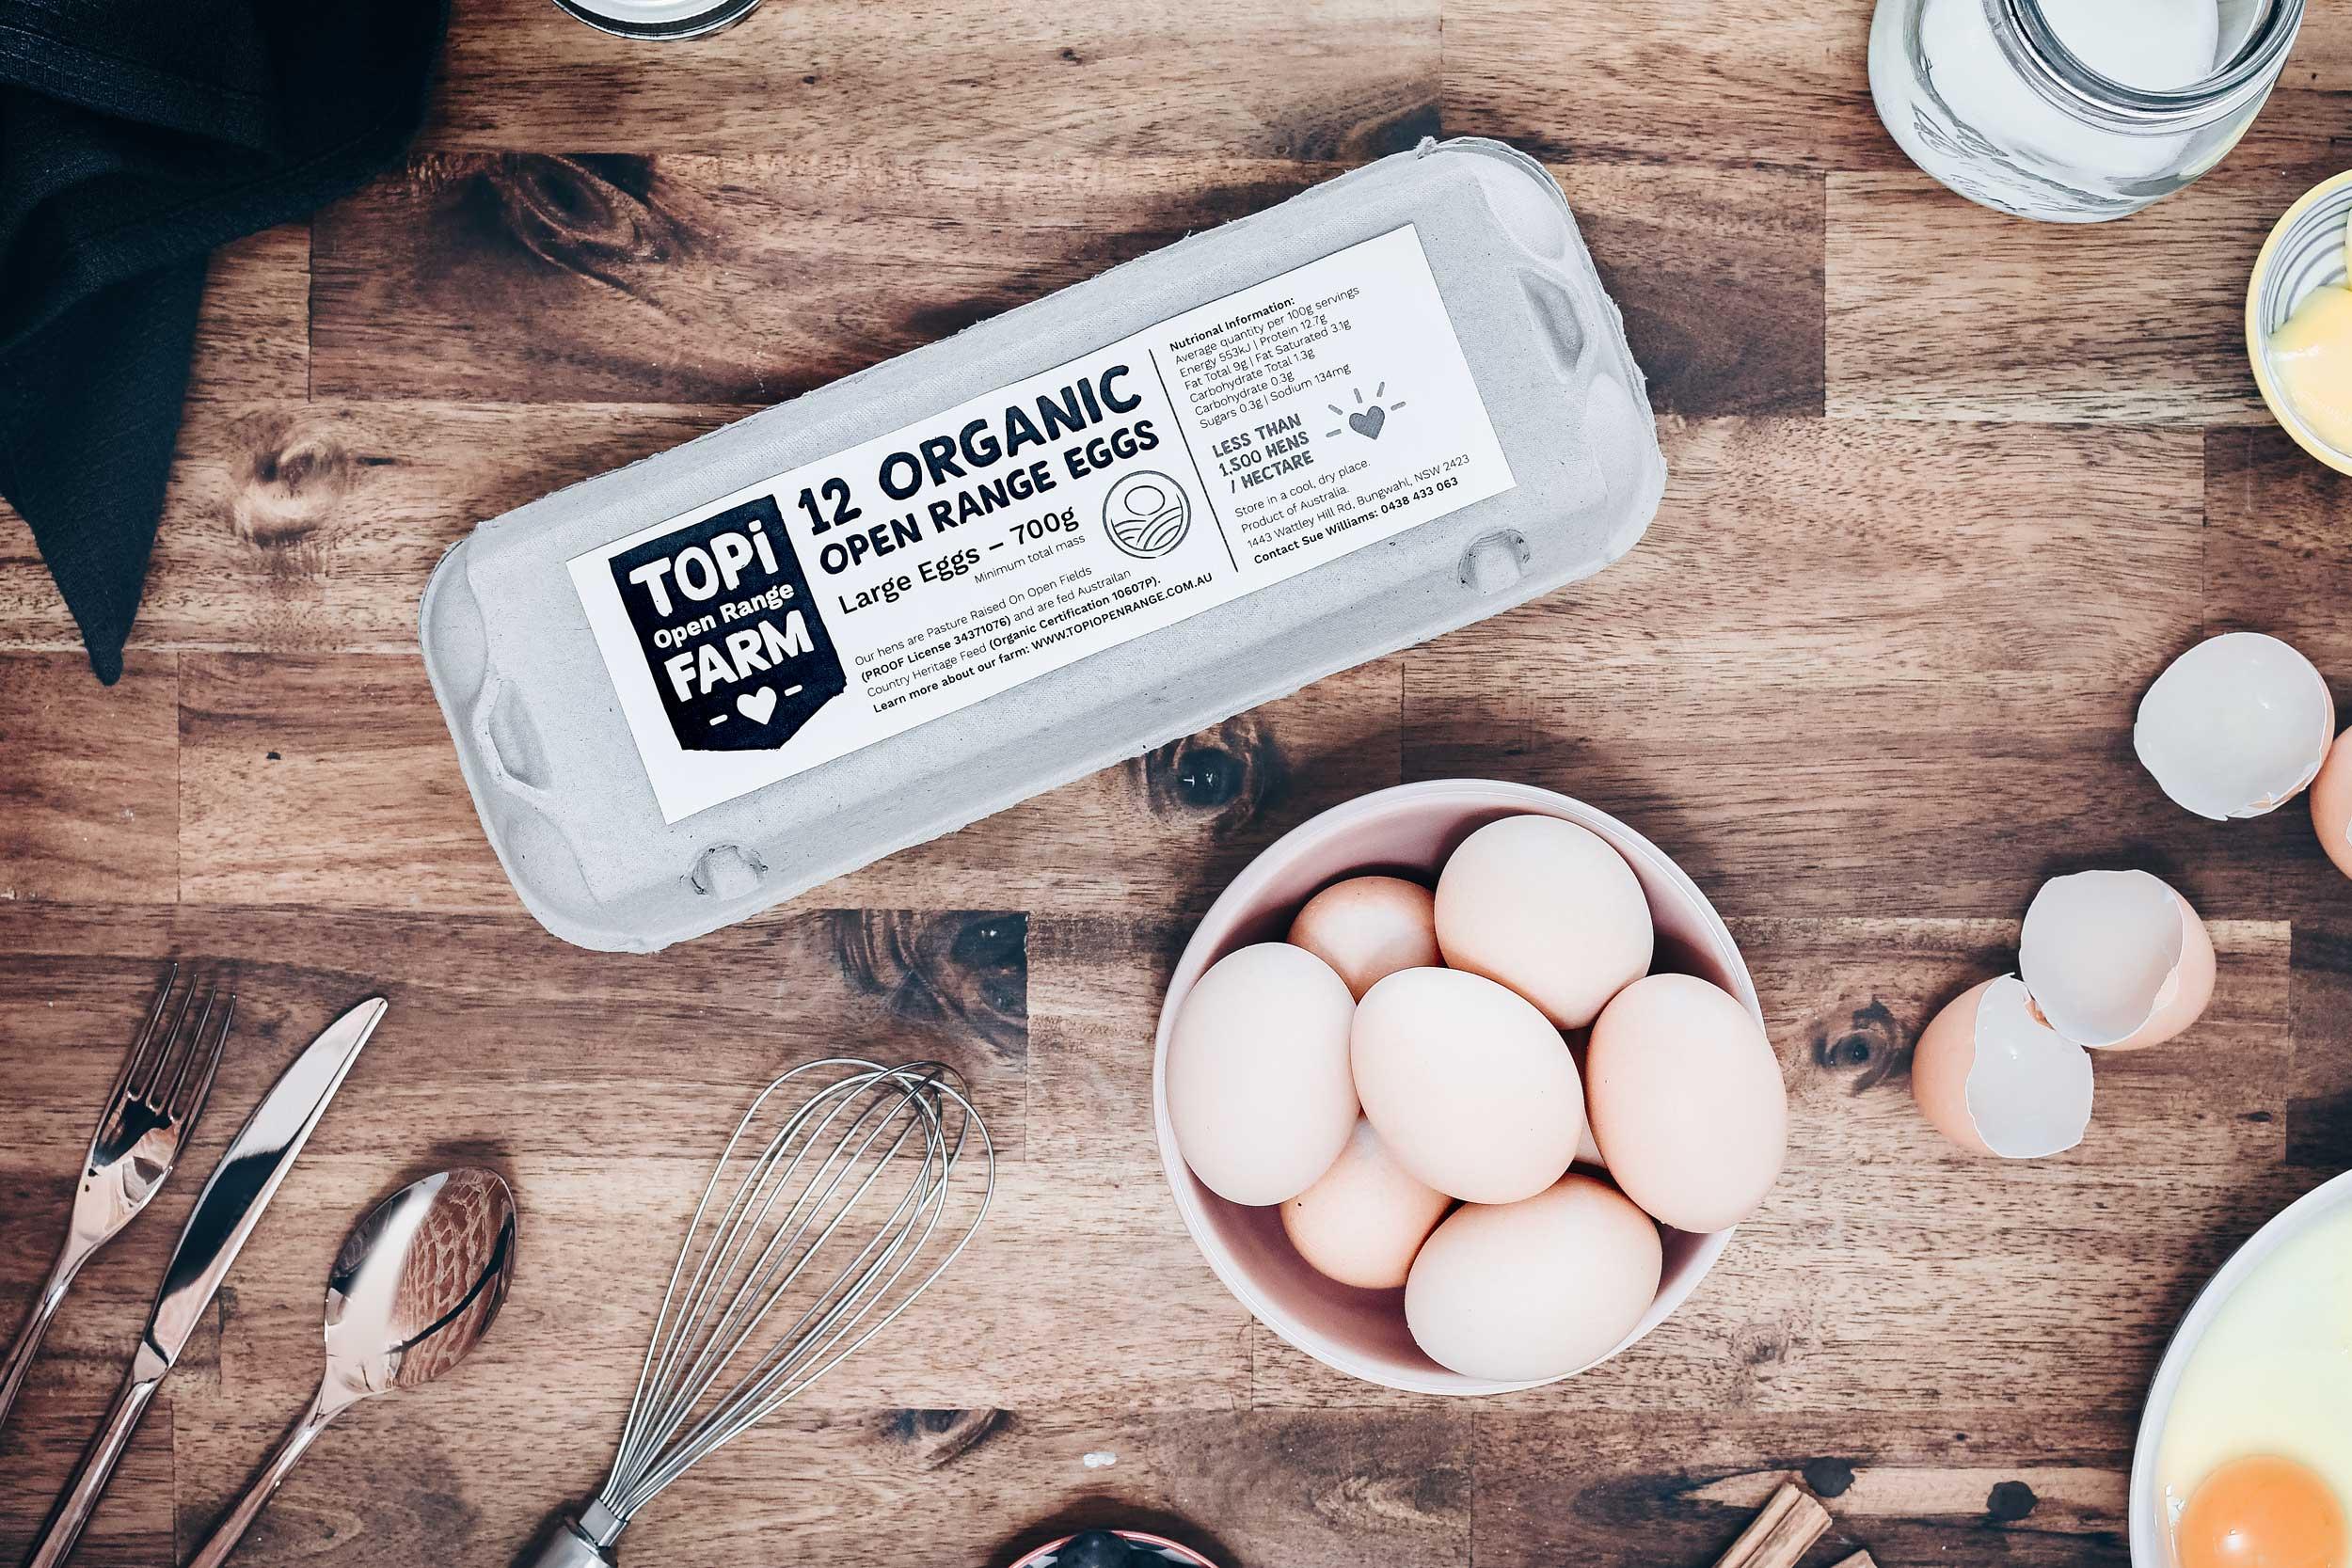 topi-open-range-organic-eggs.jpg